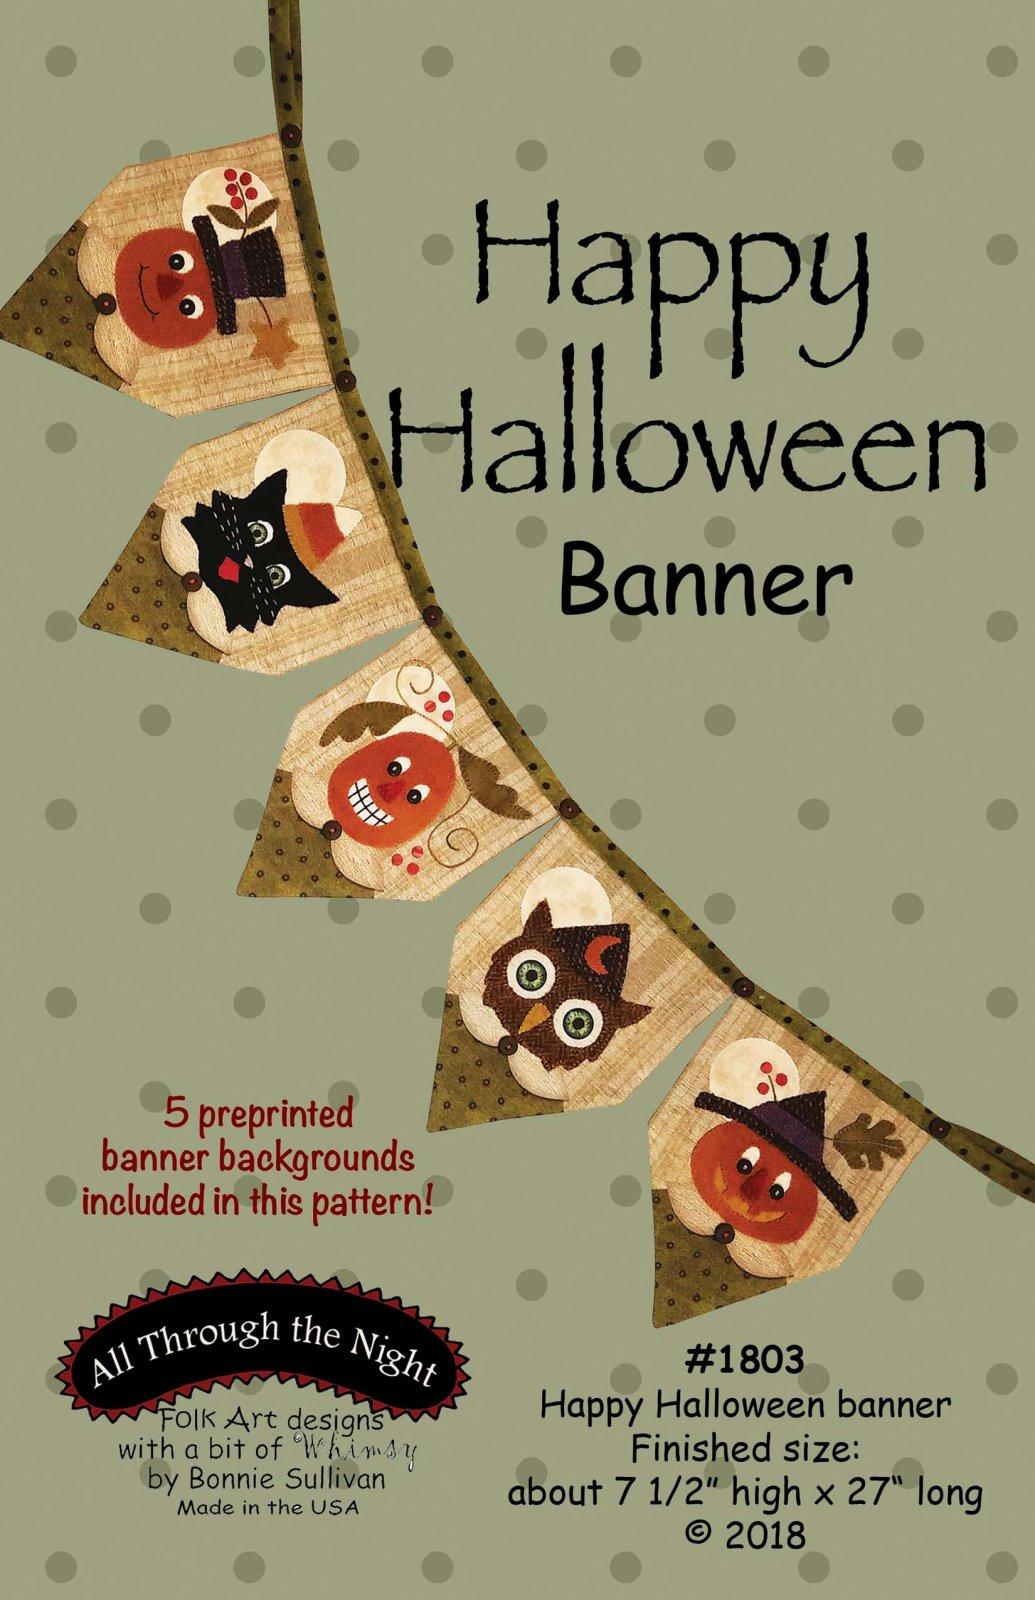 1803 Happy Halloween Banner